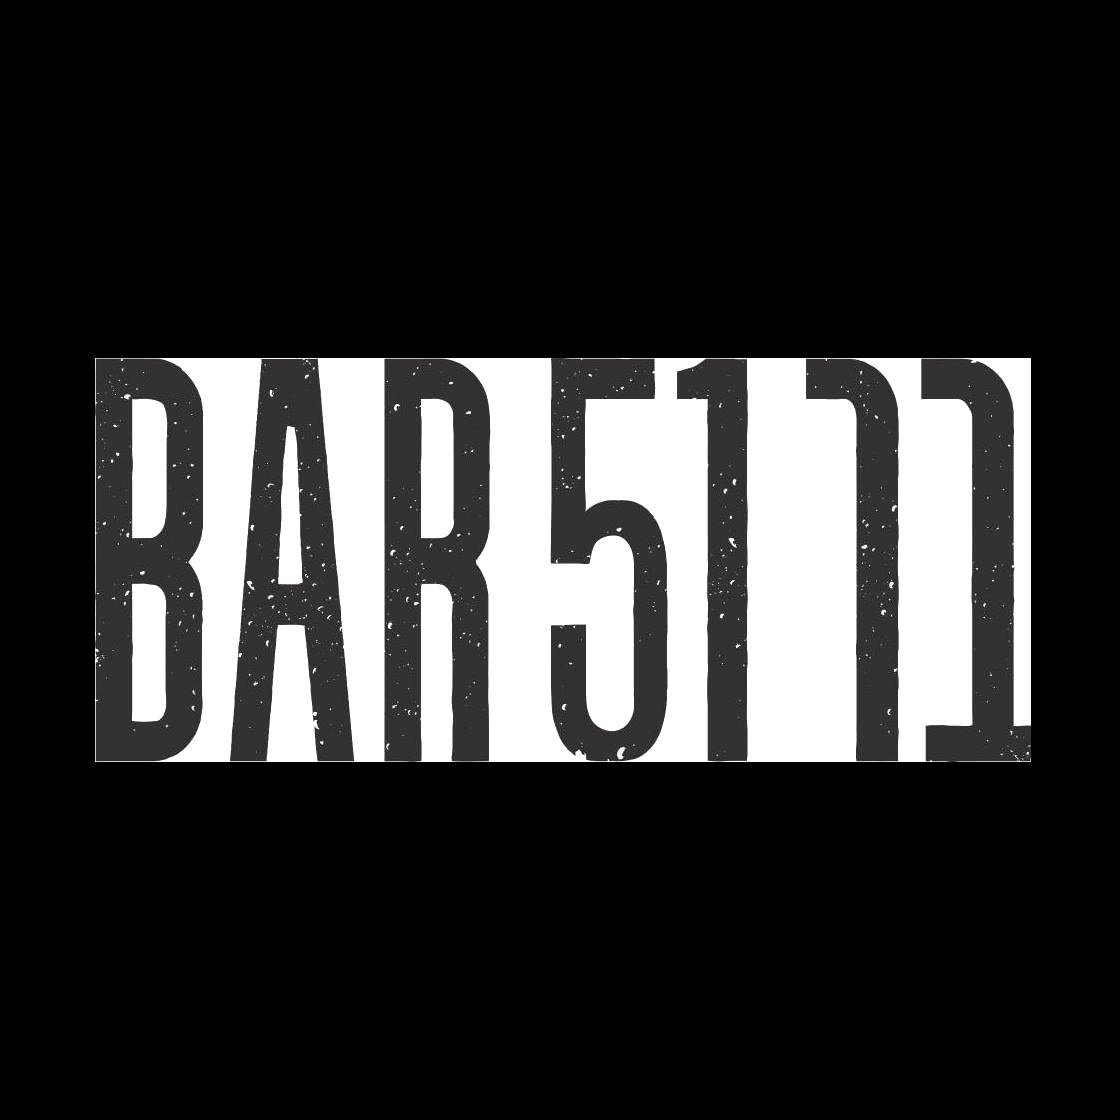 bar51 black